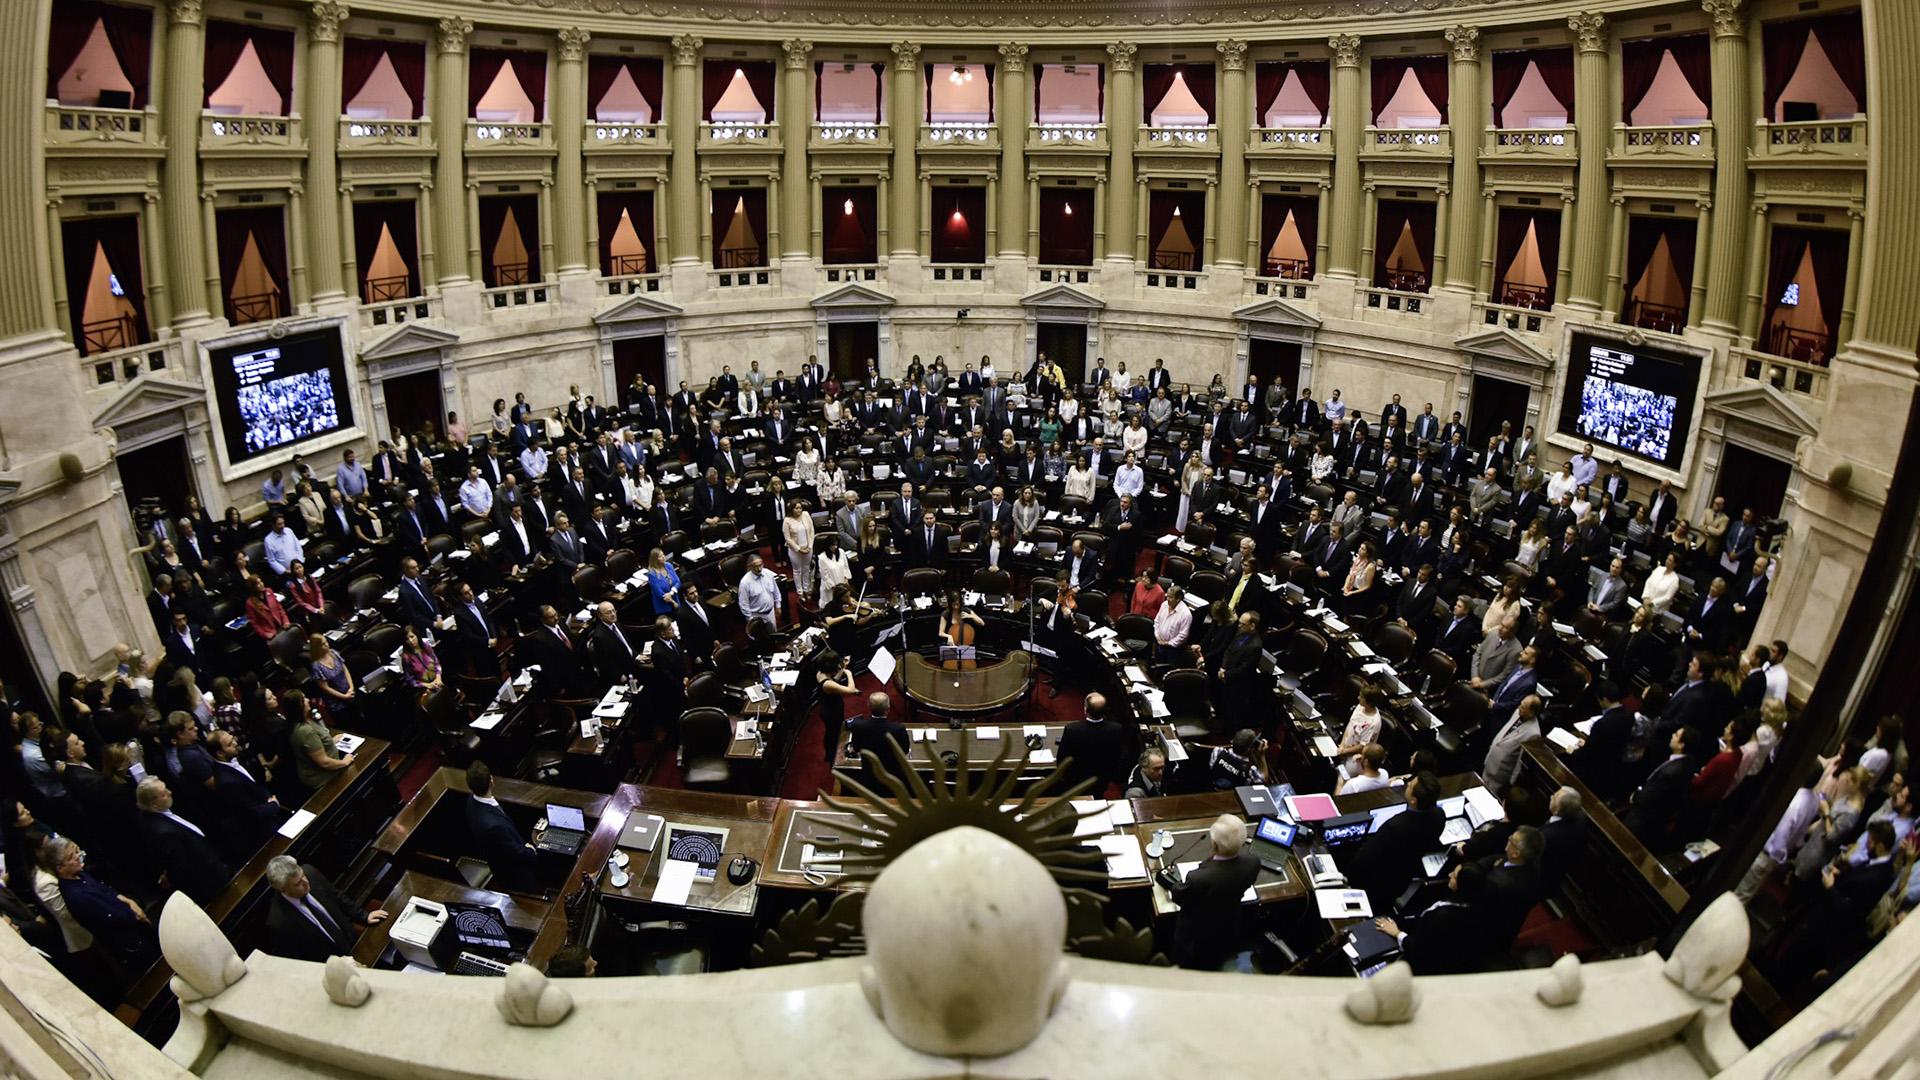 Los diputados trataron proyectos para frenar los aumentos de tarifas dispuestos por el Gobierno